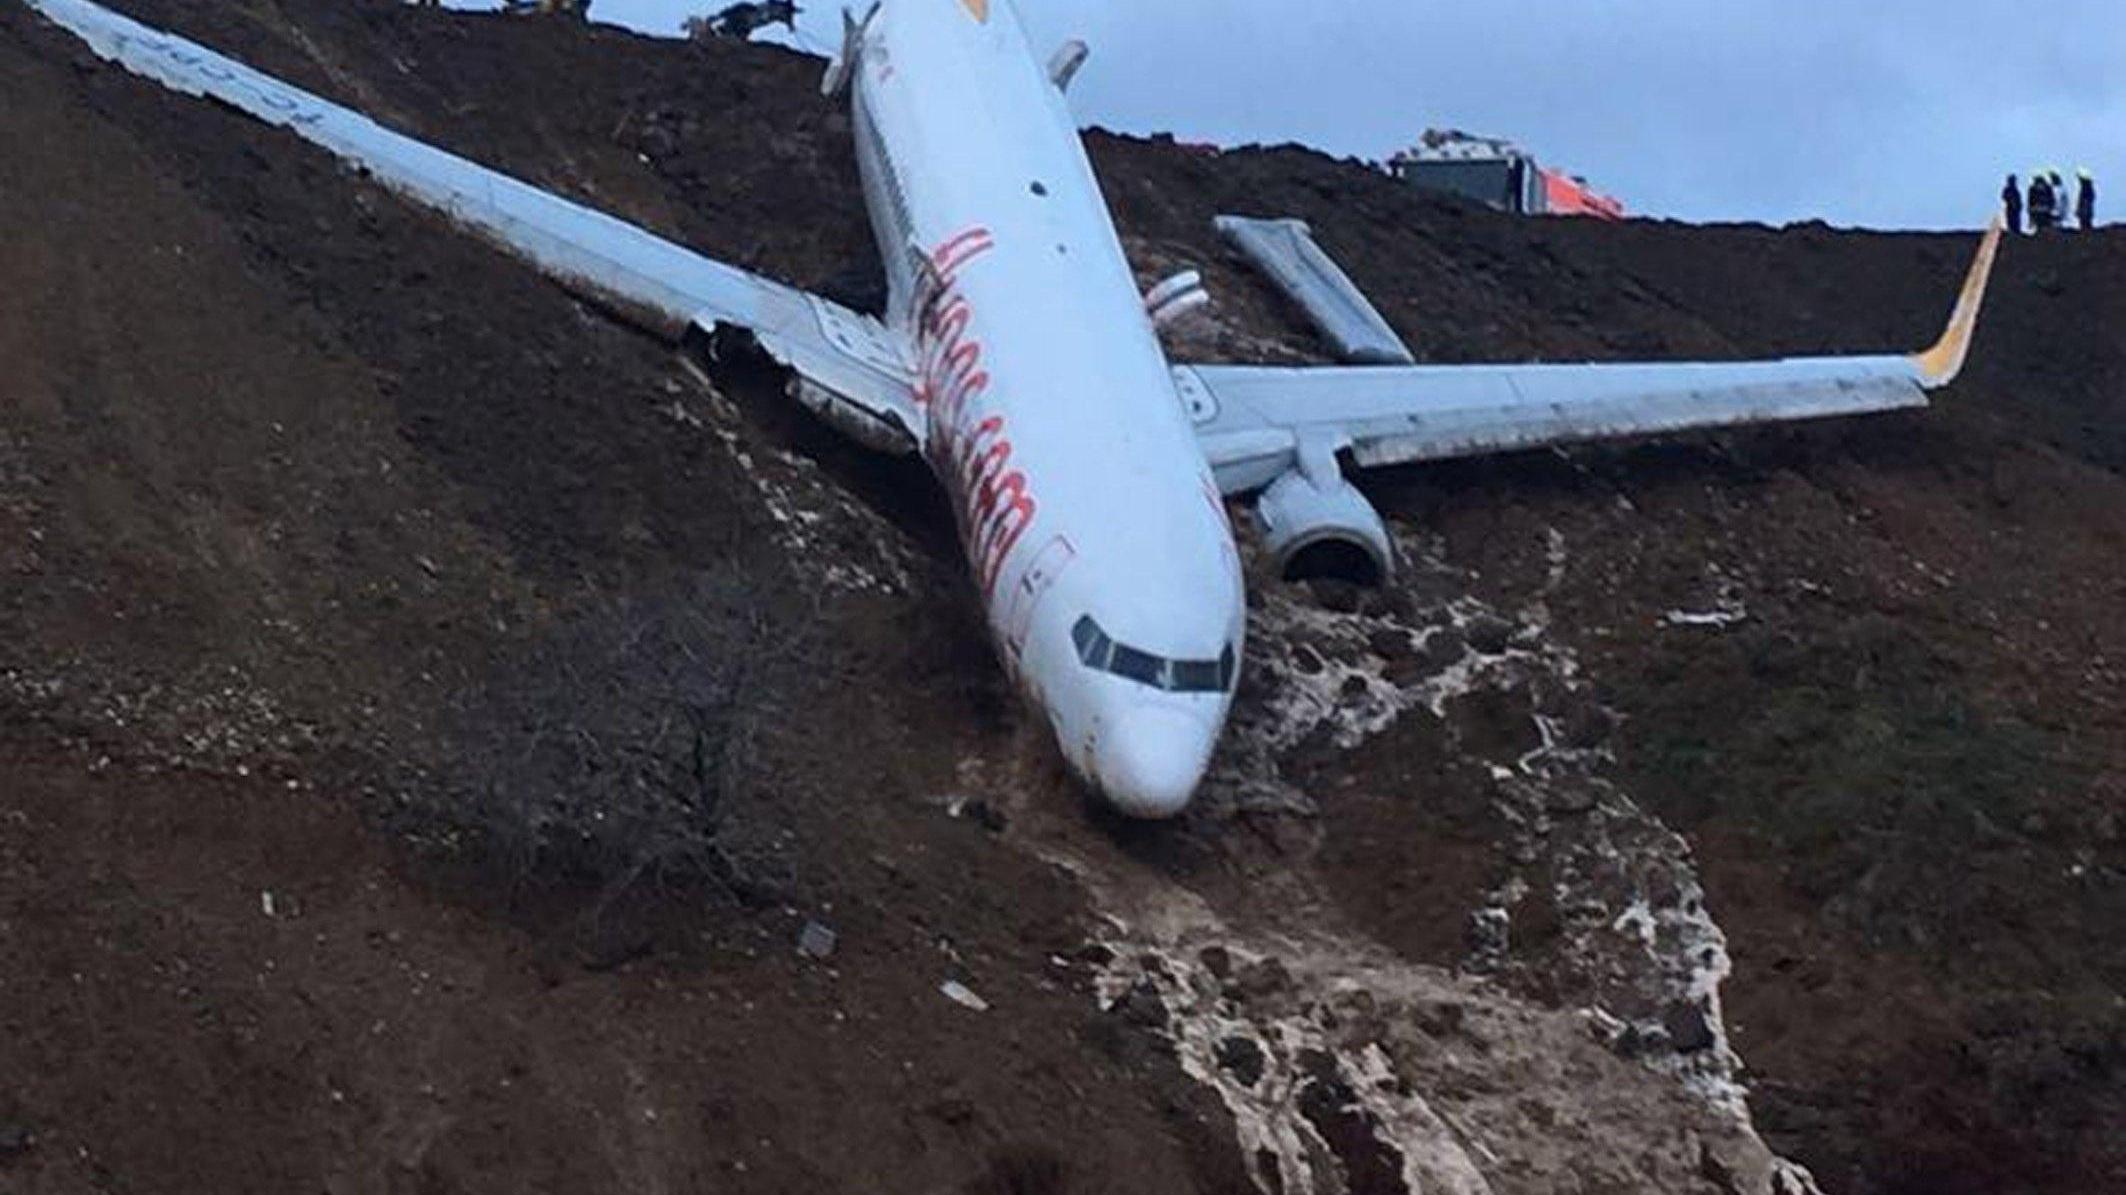 Turchia: aereo scivola lungo scogliera